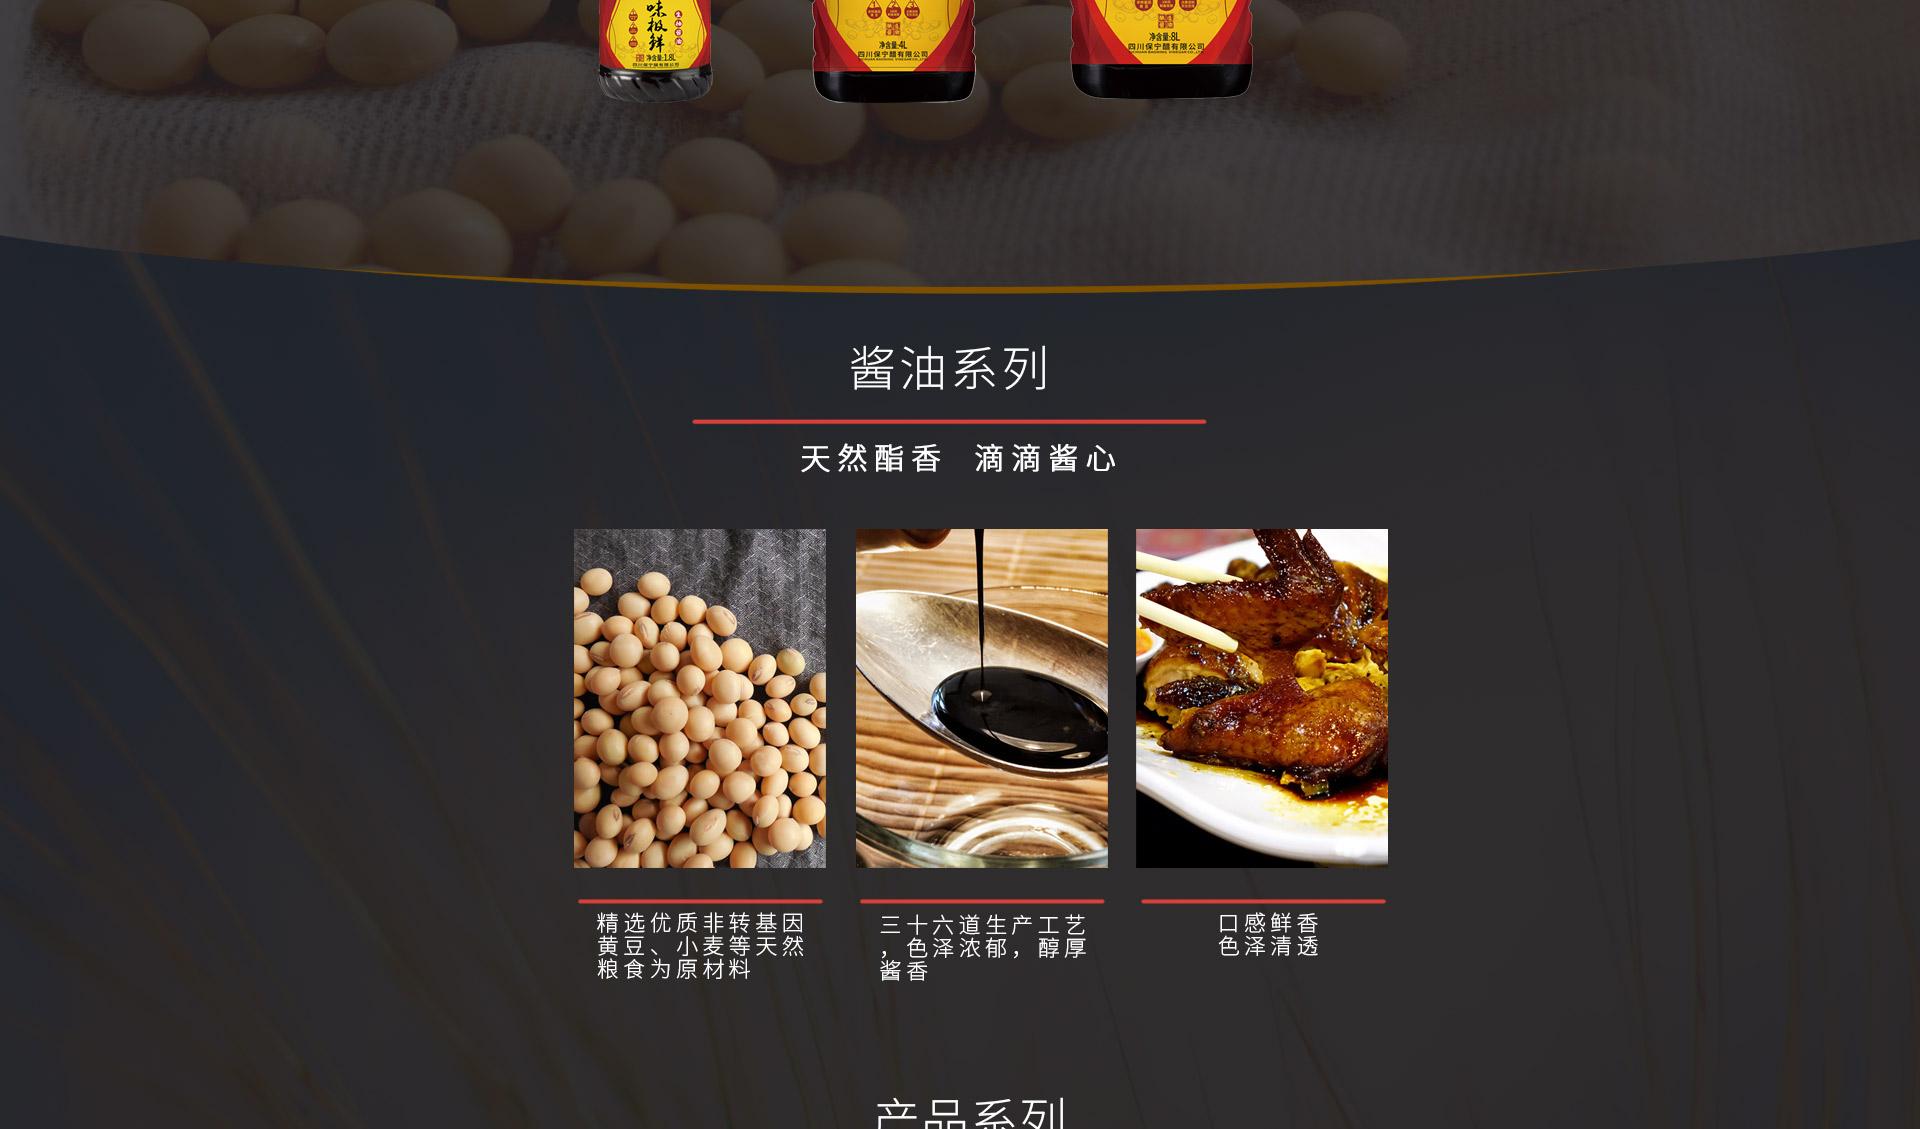 产品-酱油_04.jpg